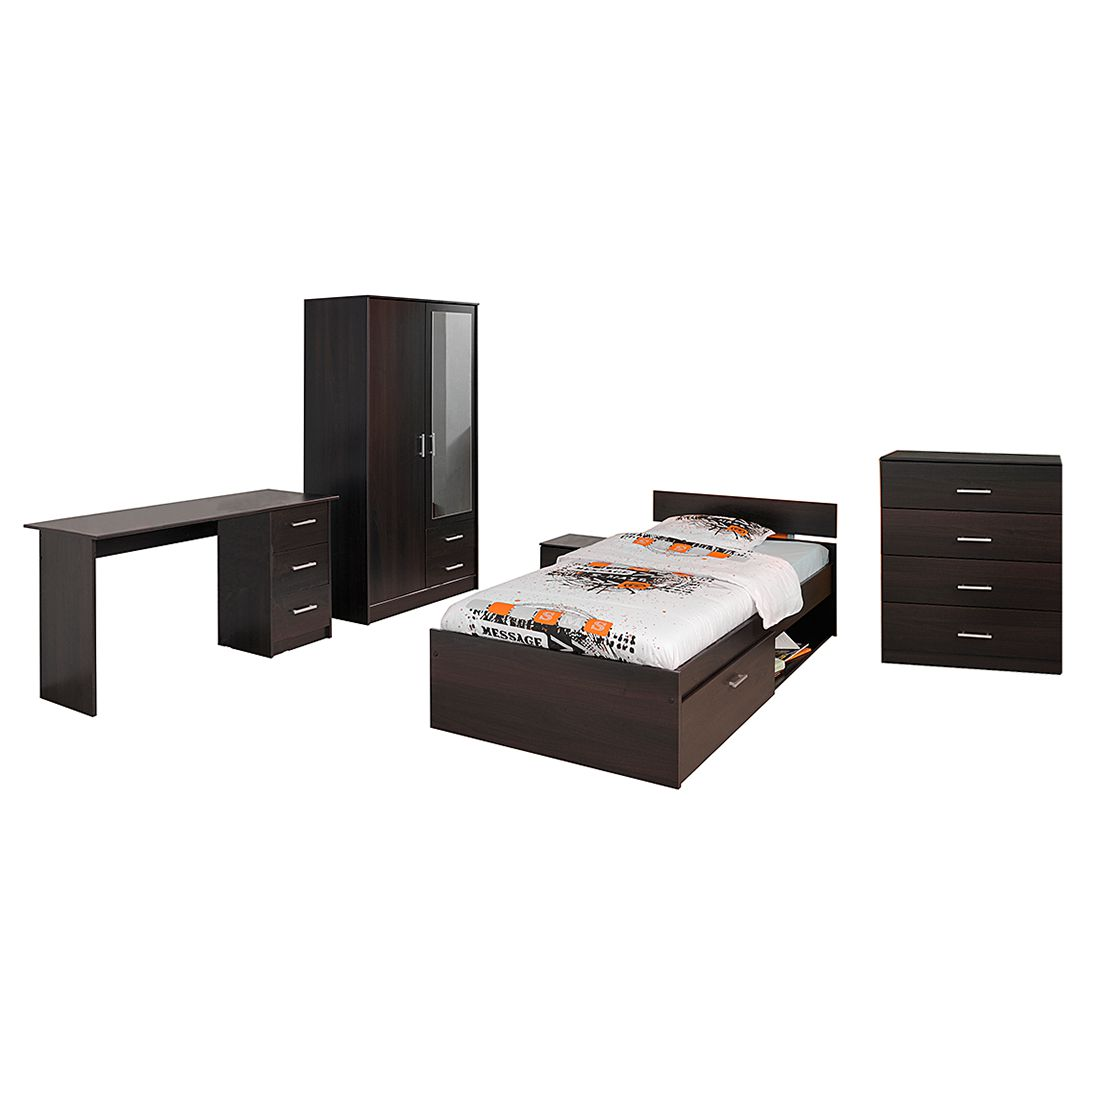 Home 24 - Ensemble de chambre d adolescent infinity (5 éléments) - imitation café, parisot meubles